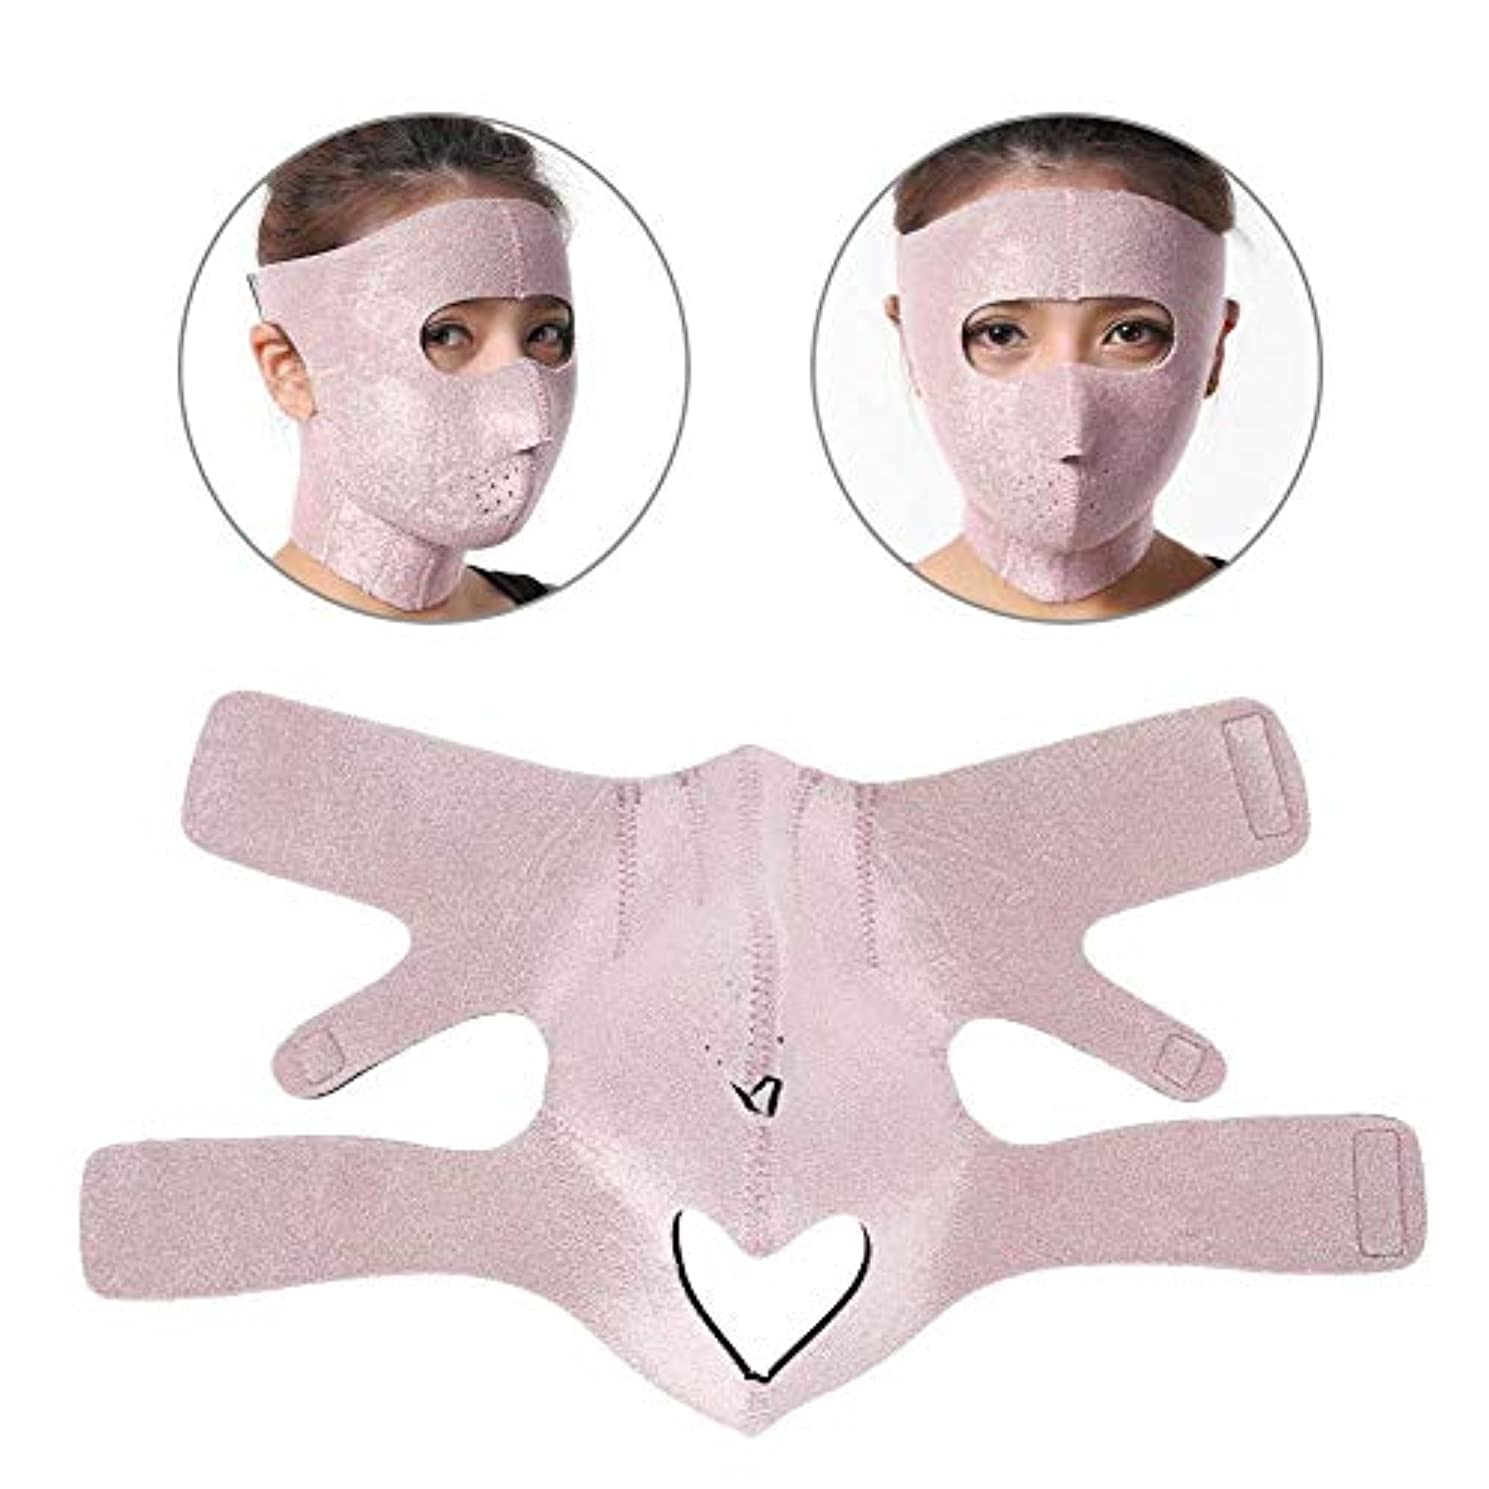 ビール適度にアイデア顔の輪郭を改善する 美容包帯 フェイスリフト用フェイスマスク 通気性/伸縮性/変形不可